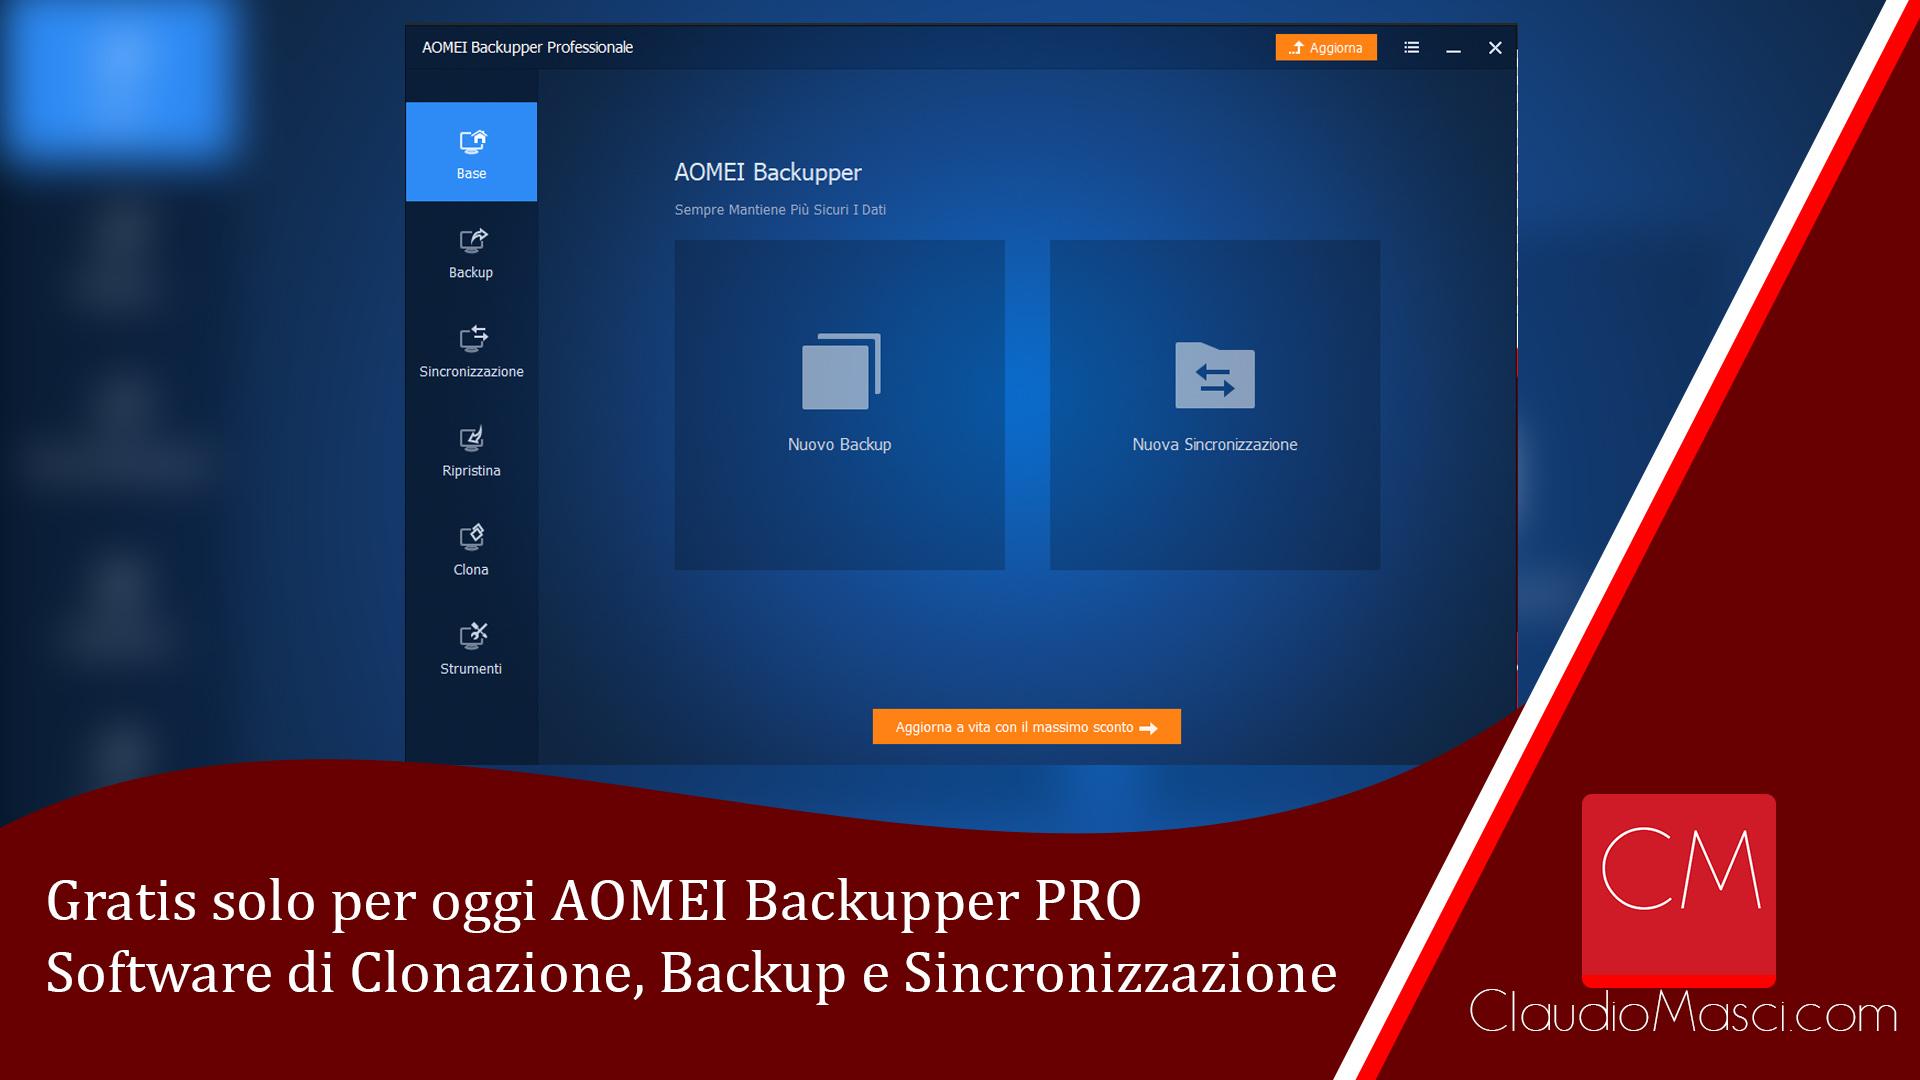 Gratis solo per oggi AOMEI Backupper Professional